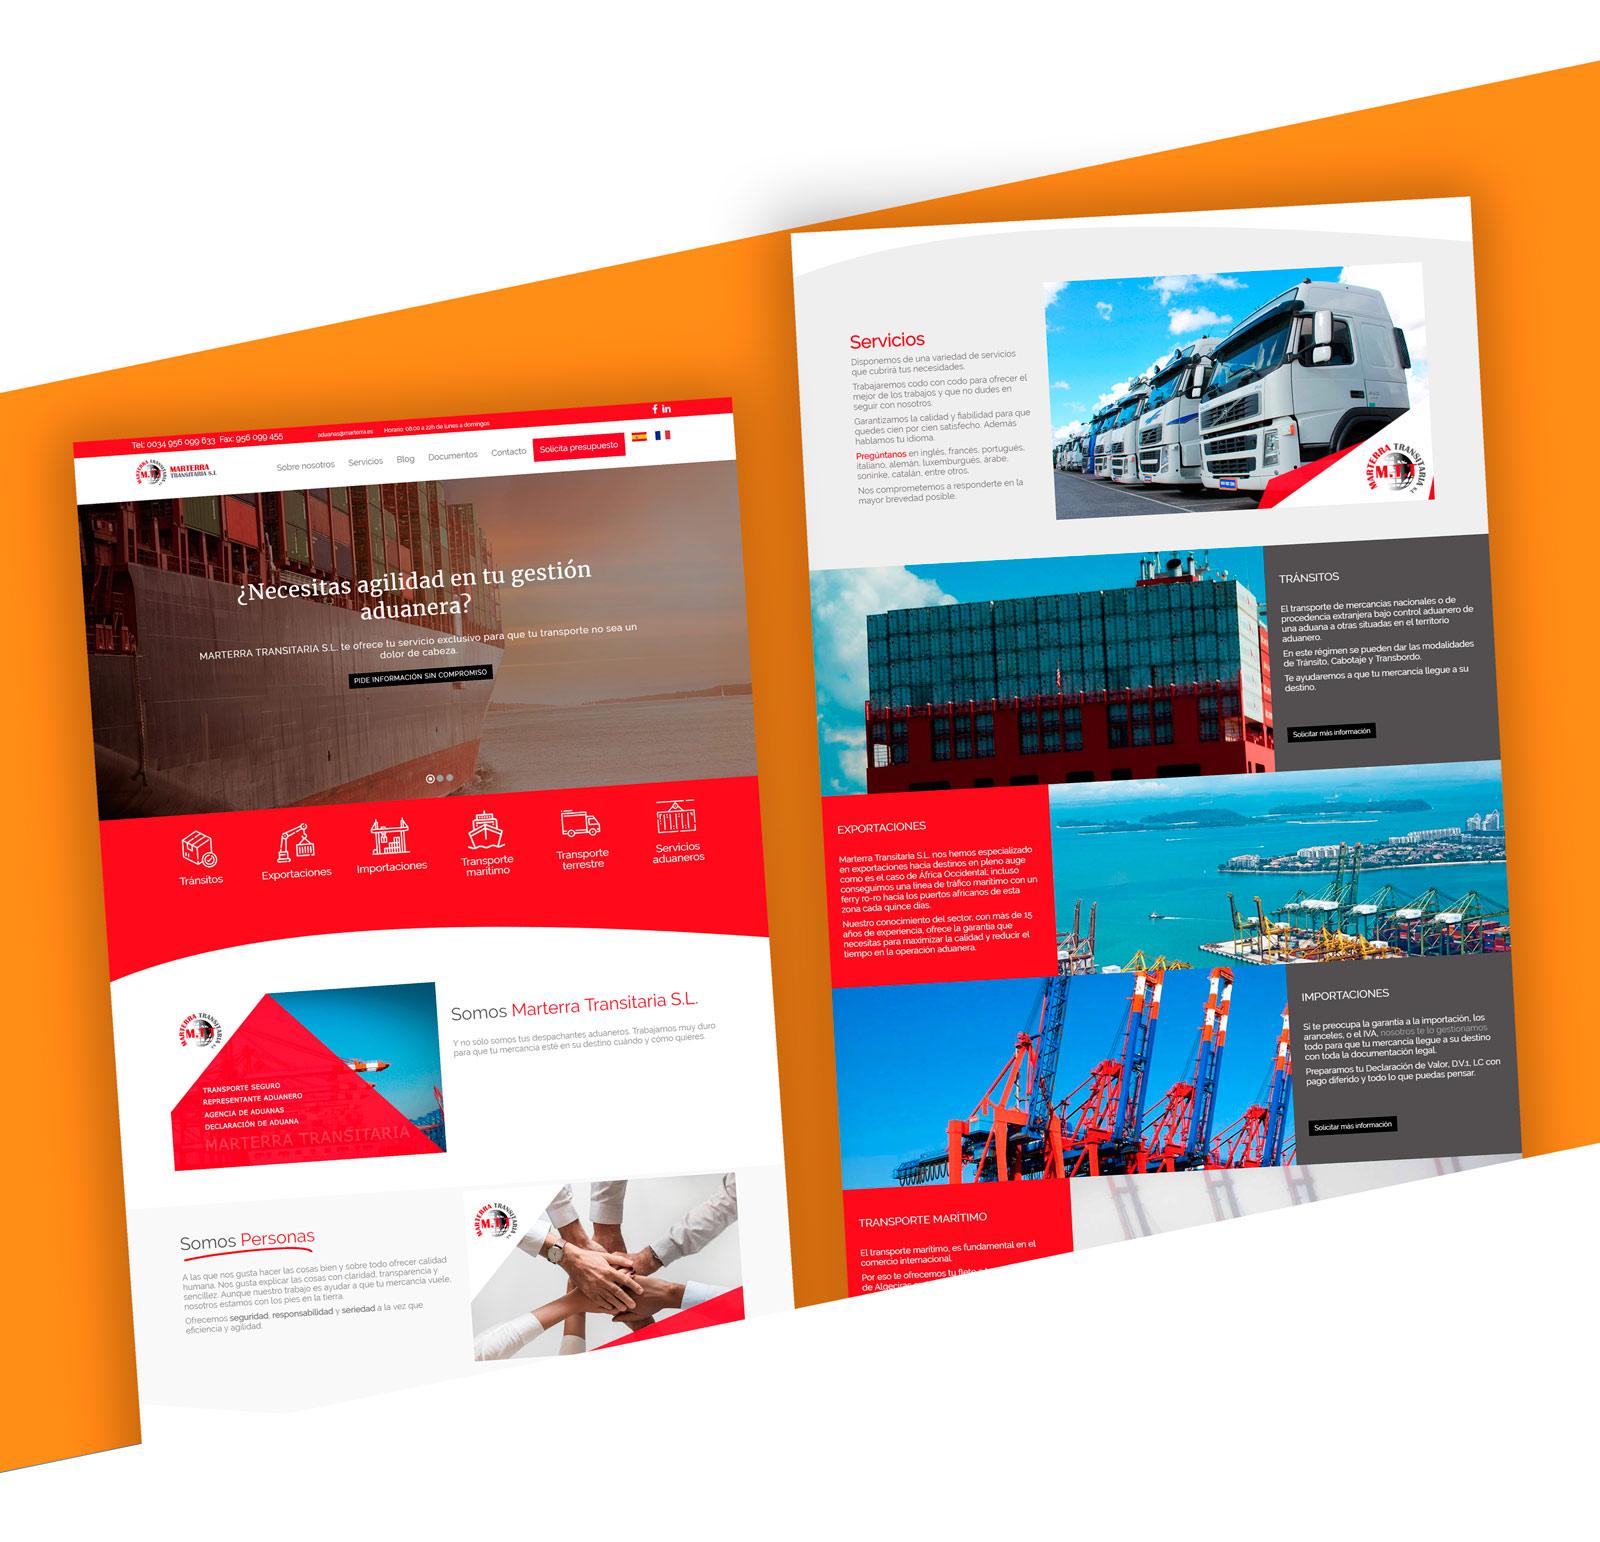 marterratransitaria web desarrollada con Niviweb